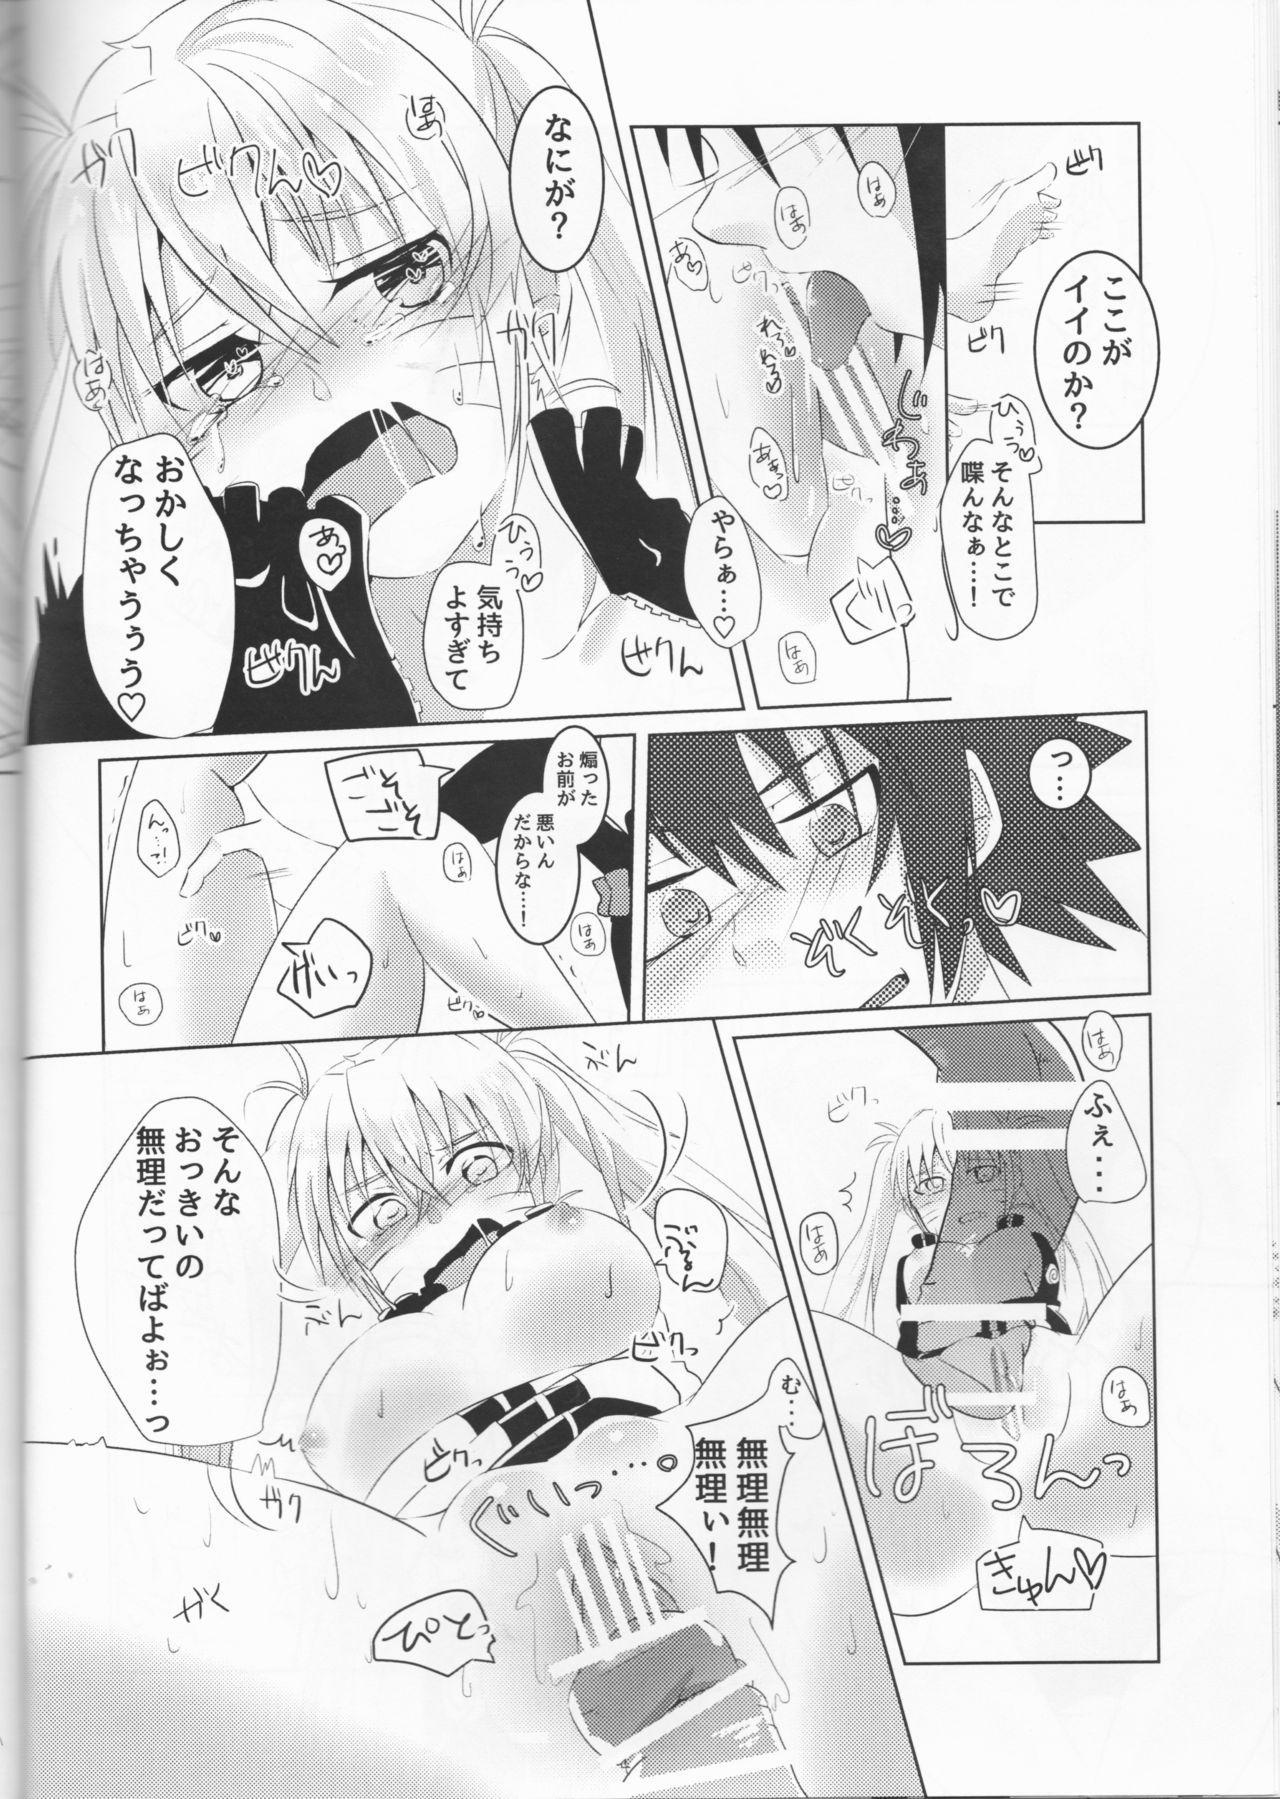 Douyara Usuratonkachi no Kudaranai Jutsu wa Ore ni Kouka ga Nai rashii. 21